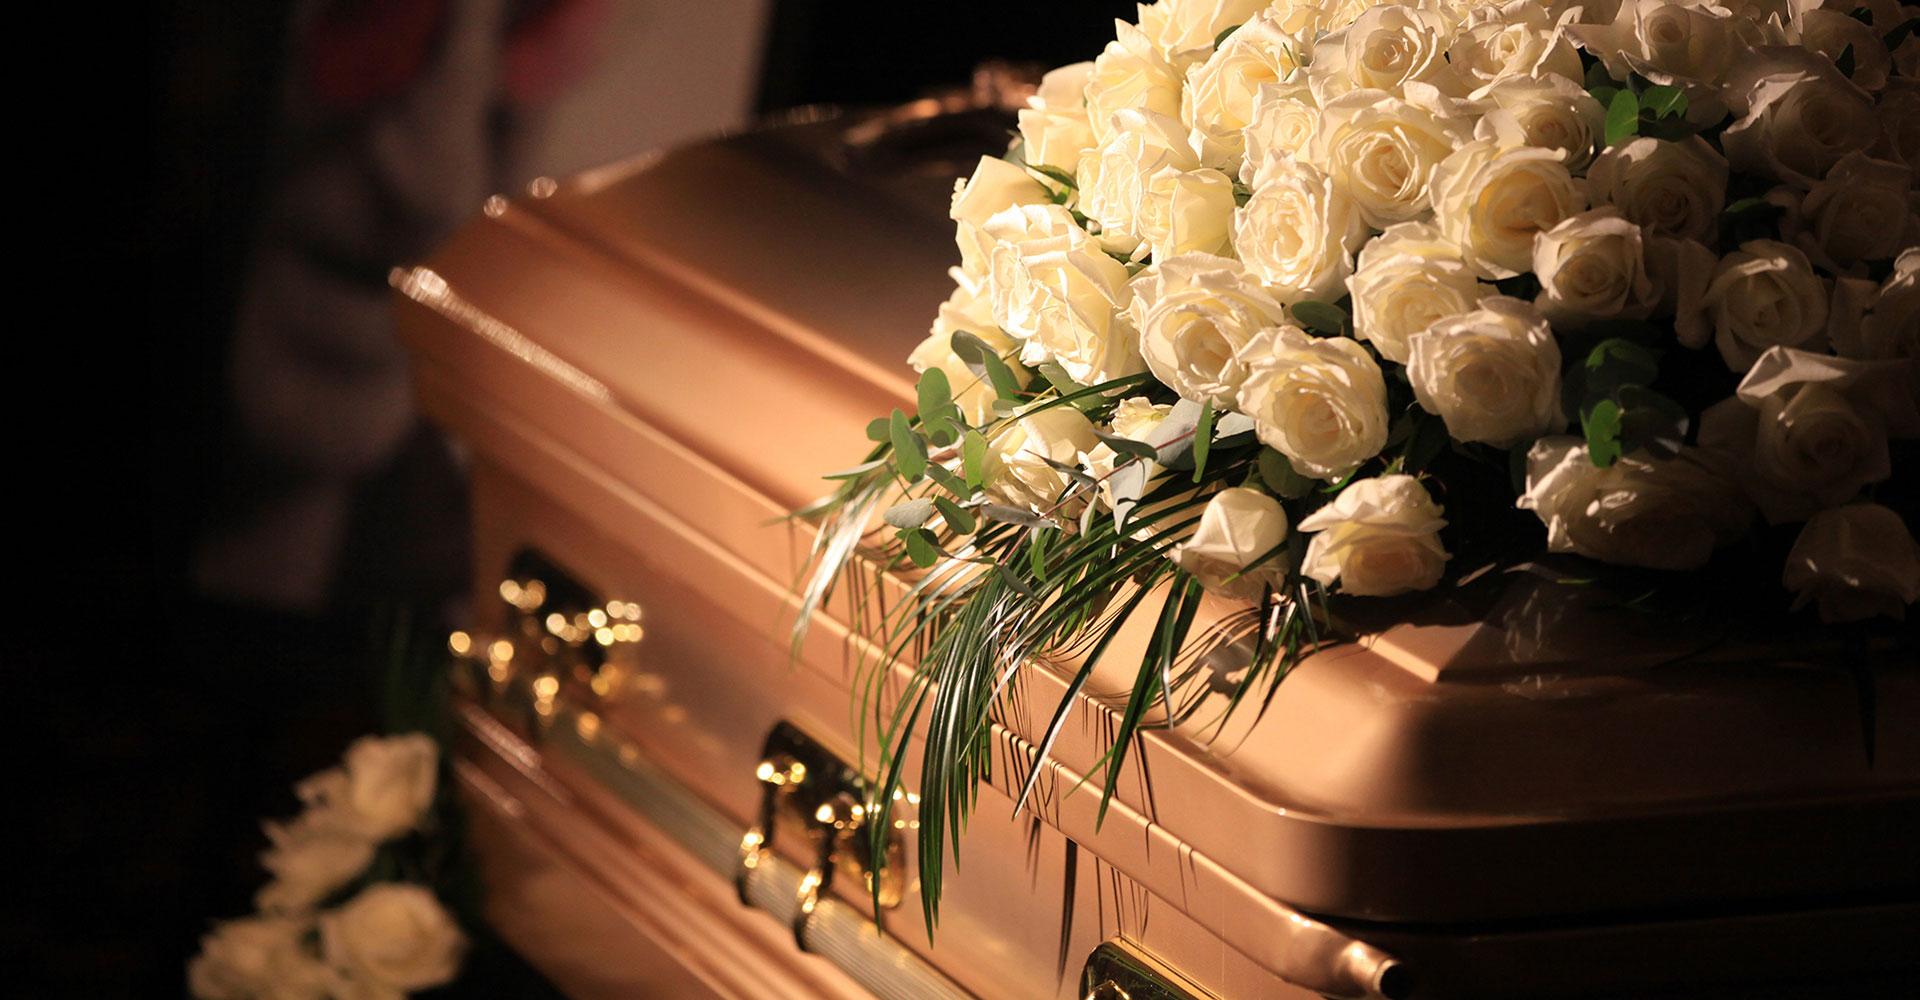 nos encargamos de cada detalle Latino funeraria